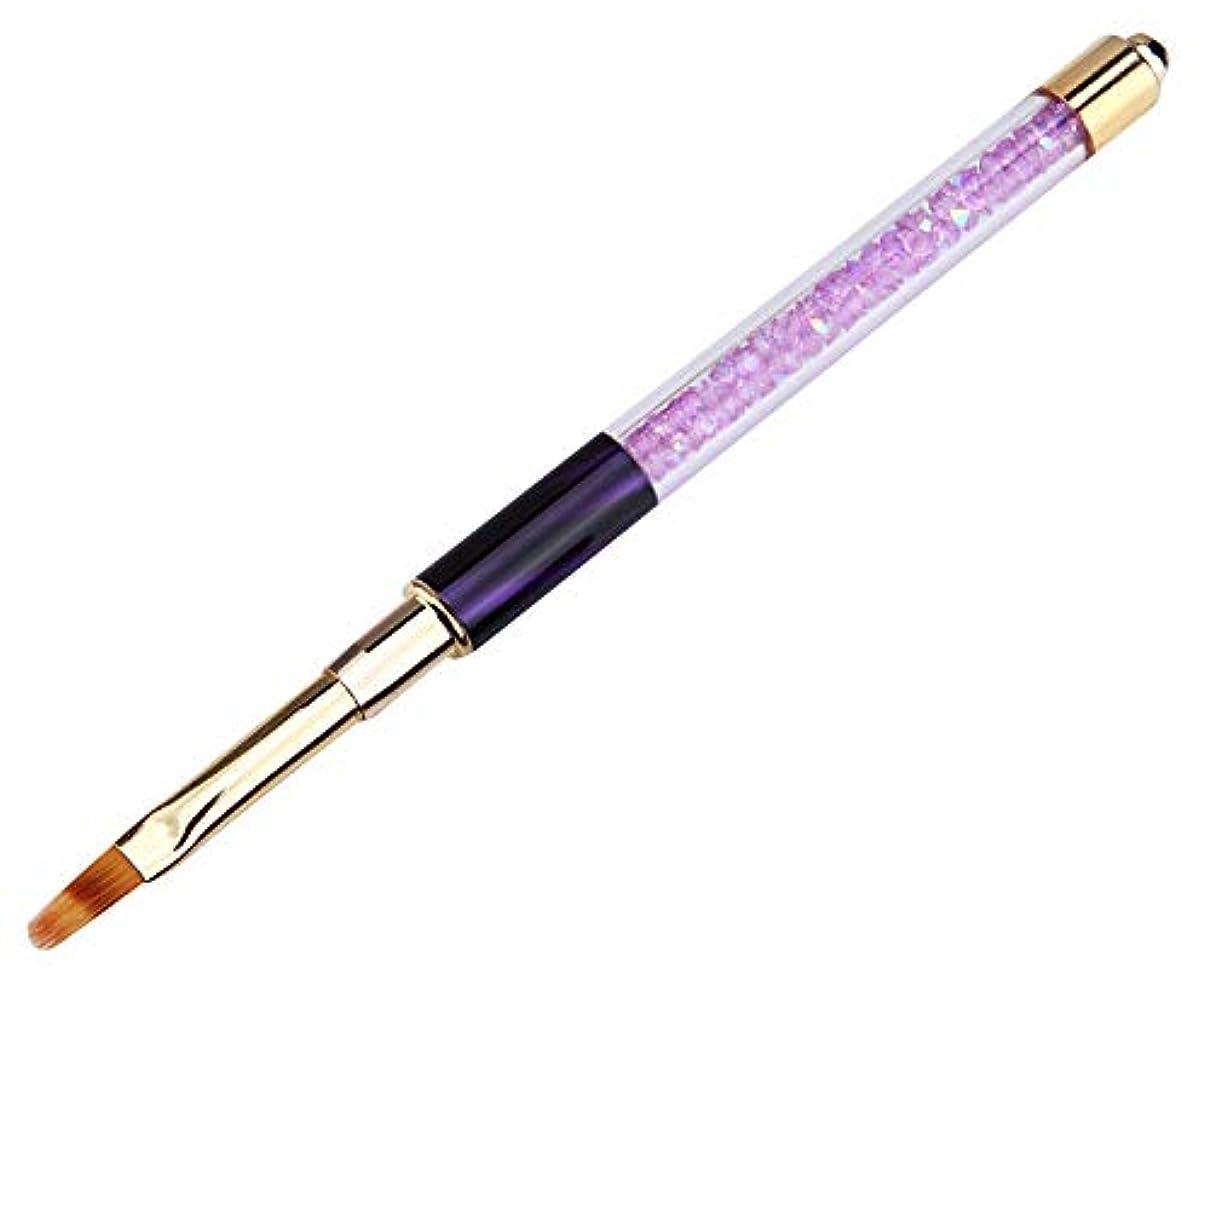 シンプトンサラミスペインTOOGOO ネイルアートブラシのペン、ラインストーン、キャット?アイ、アクリルのハンドル、彫刻と絵画用、ジェル、ネイルの延長、マニキュア、ライナーのペン、02